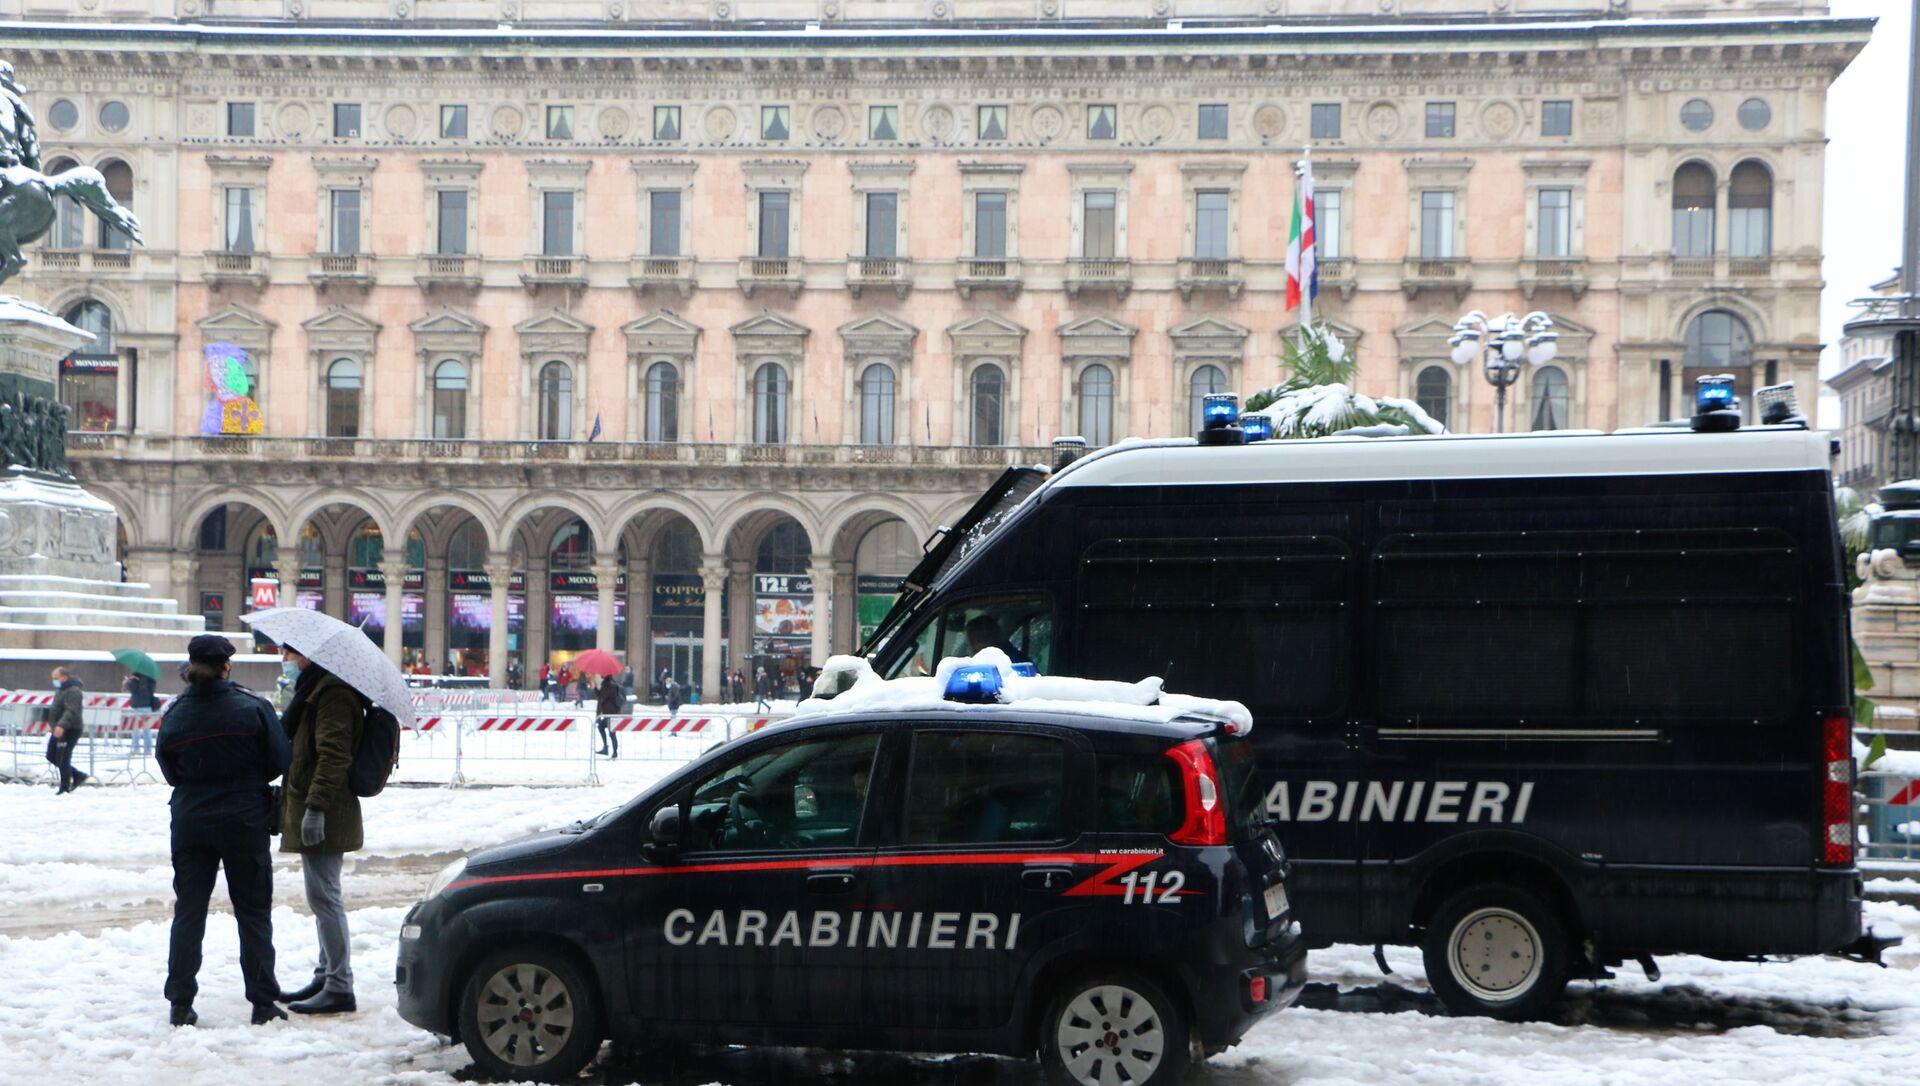 Carabinieri a Milano - Sputnik Italia, 1920, 25.04.2021